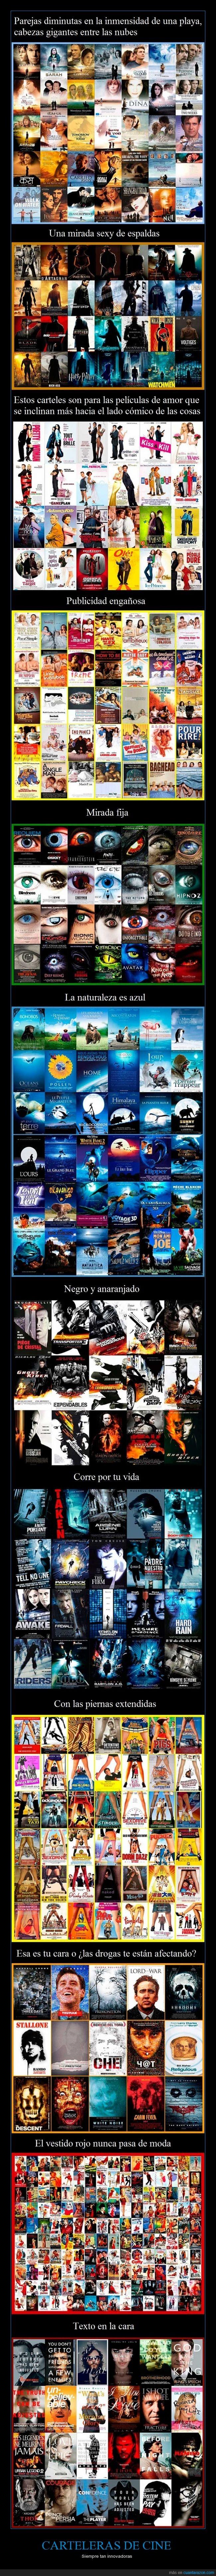 caras,carteleras,cine,cuerpos,no se pueden inventar algo original?,posters,teatros